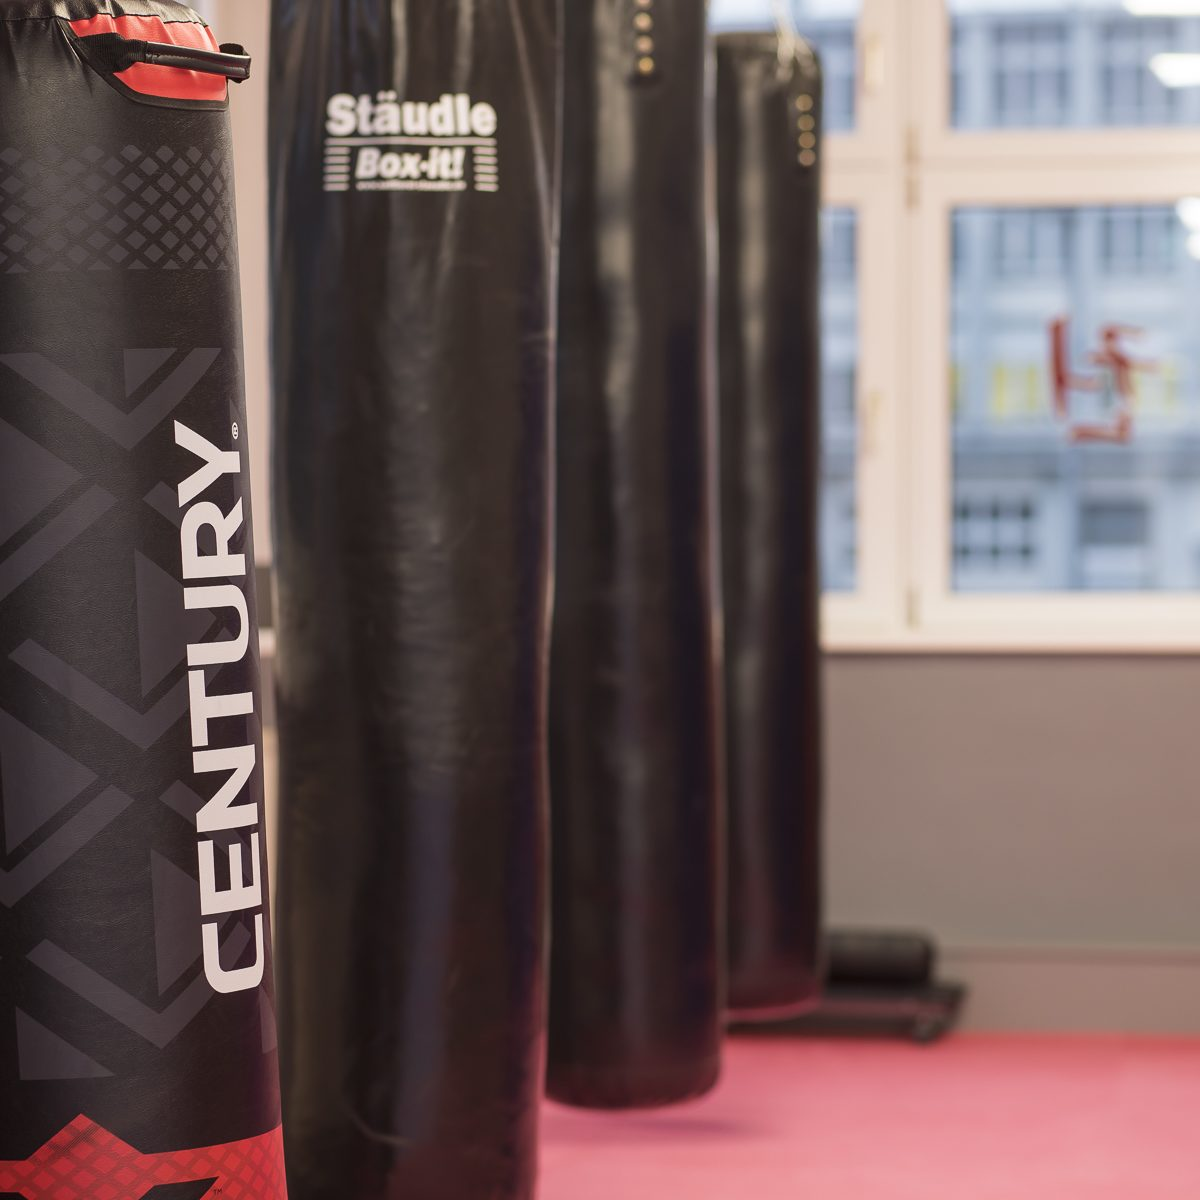 Boxsäcke für klassisches Karate und Tae Kwon-Do sowie modernes Kickboxen und effektive Selbstverteidigung